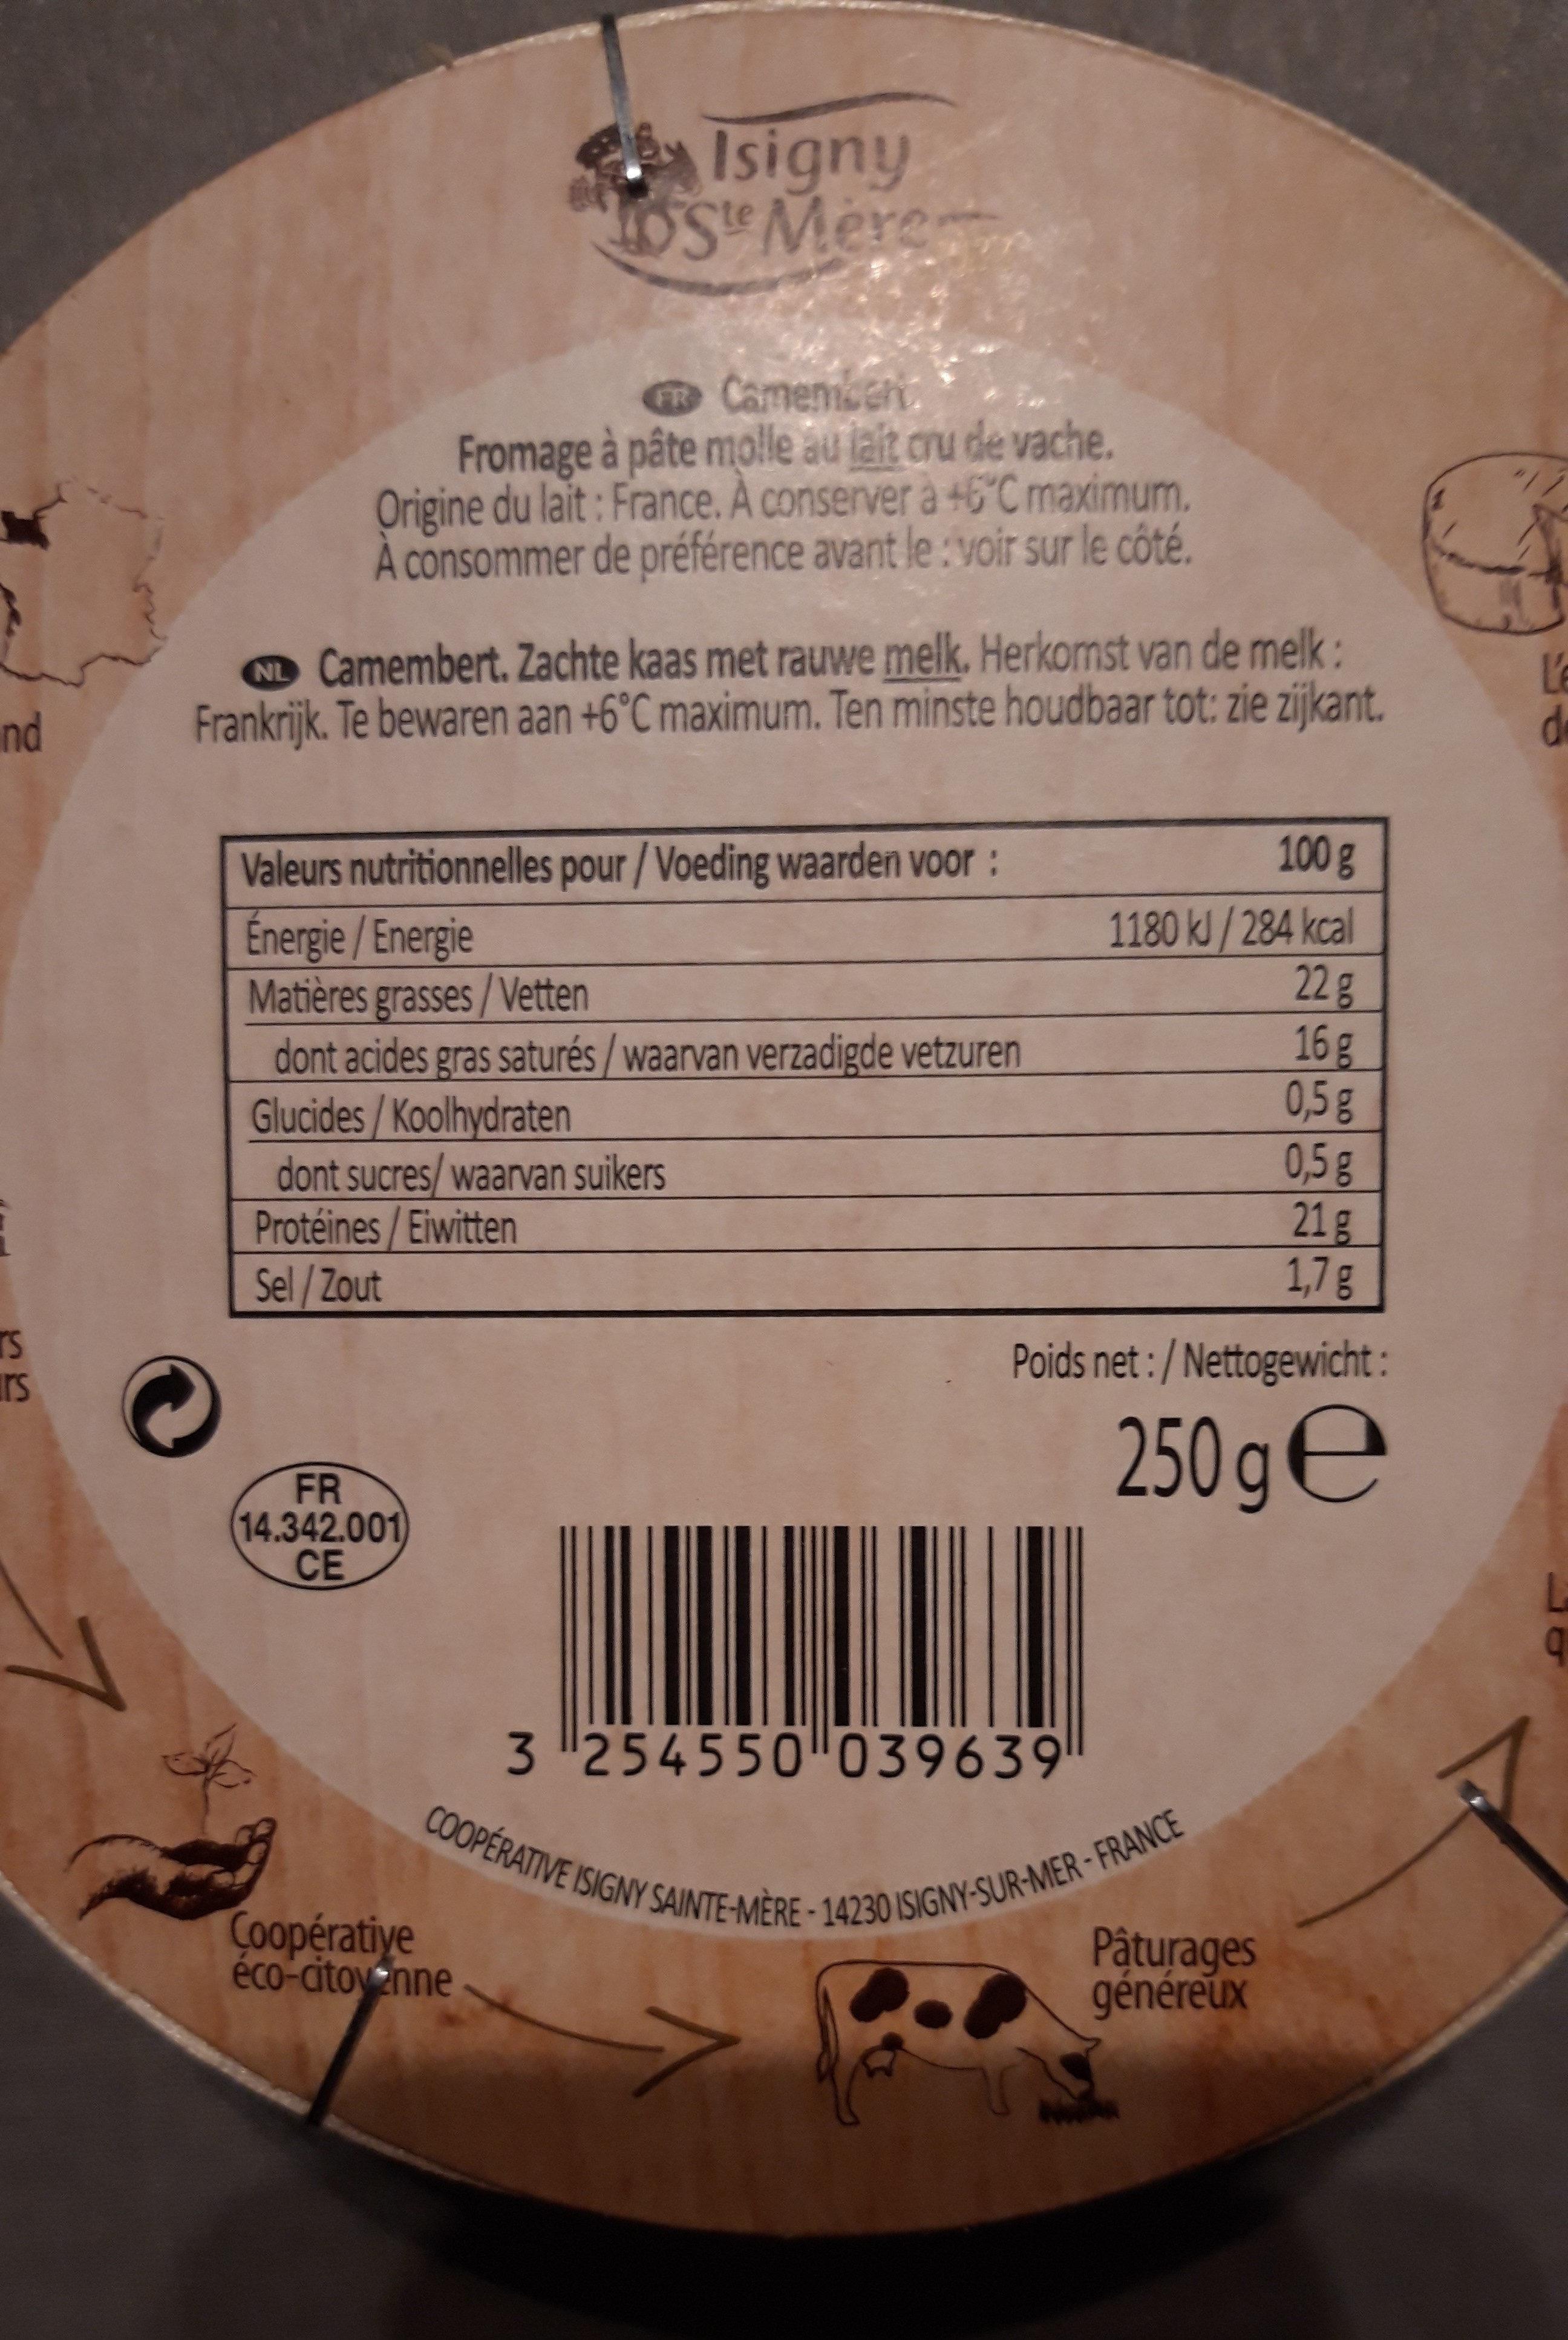 Camembert au lait cru moulé à la louche (22% MG) - Ingrediënten - fr